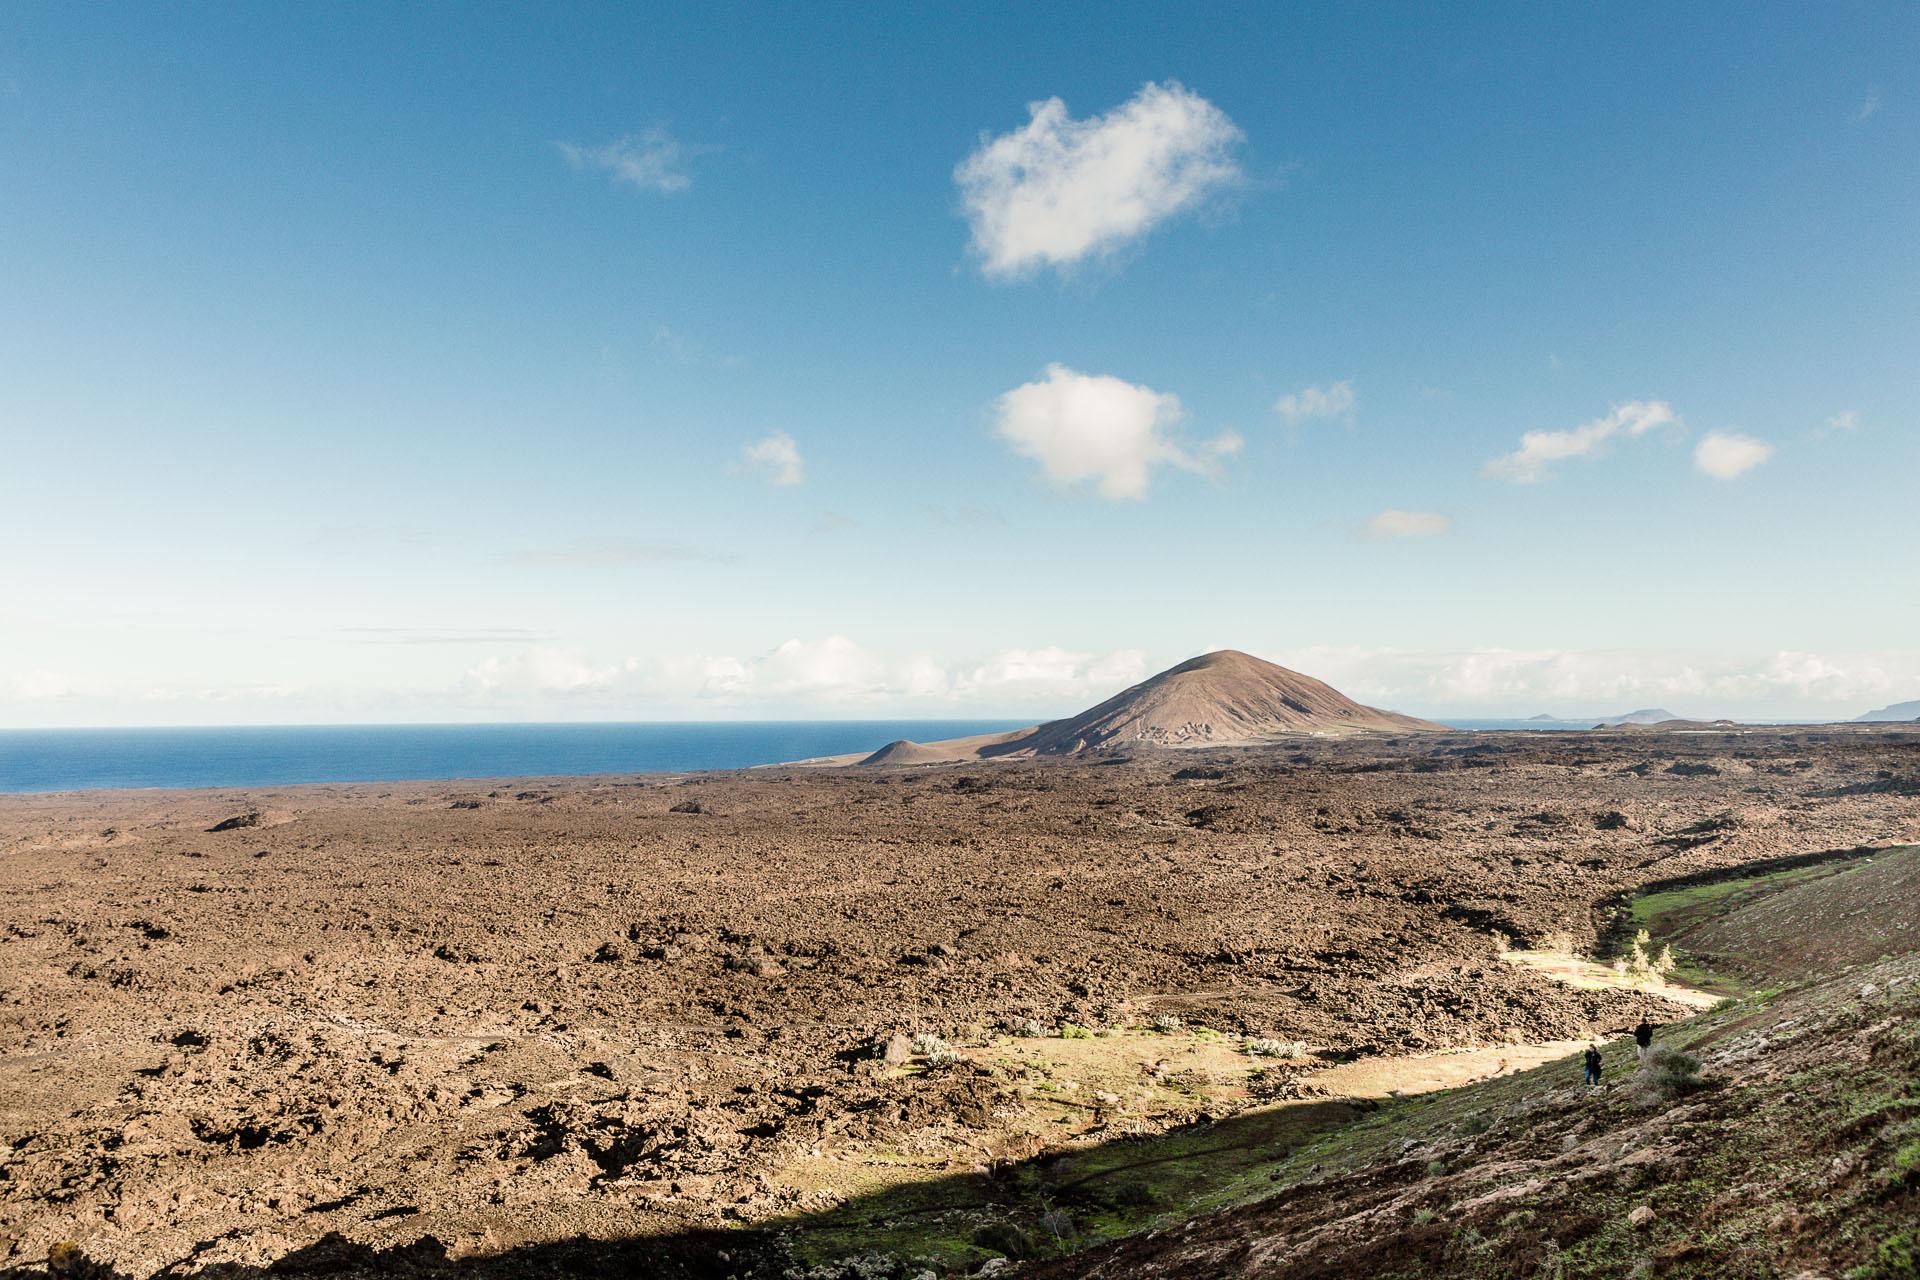 Vue mer depuis le volcan Caldera Blanca à Lanzarote